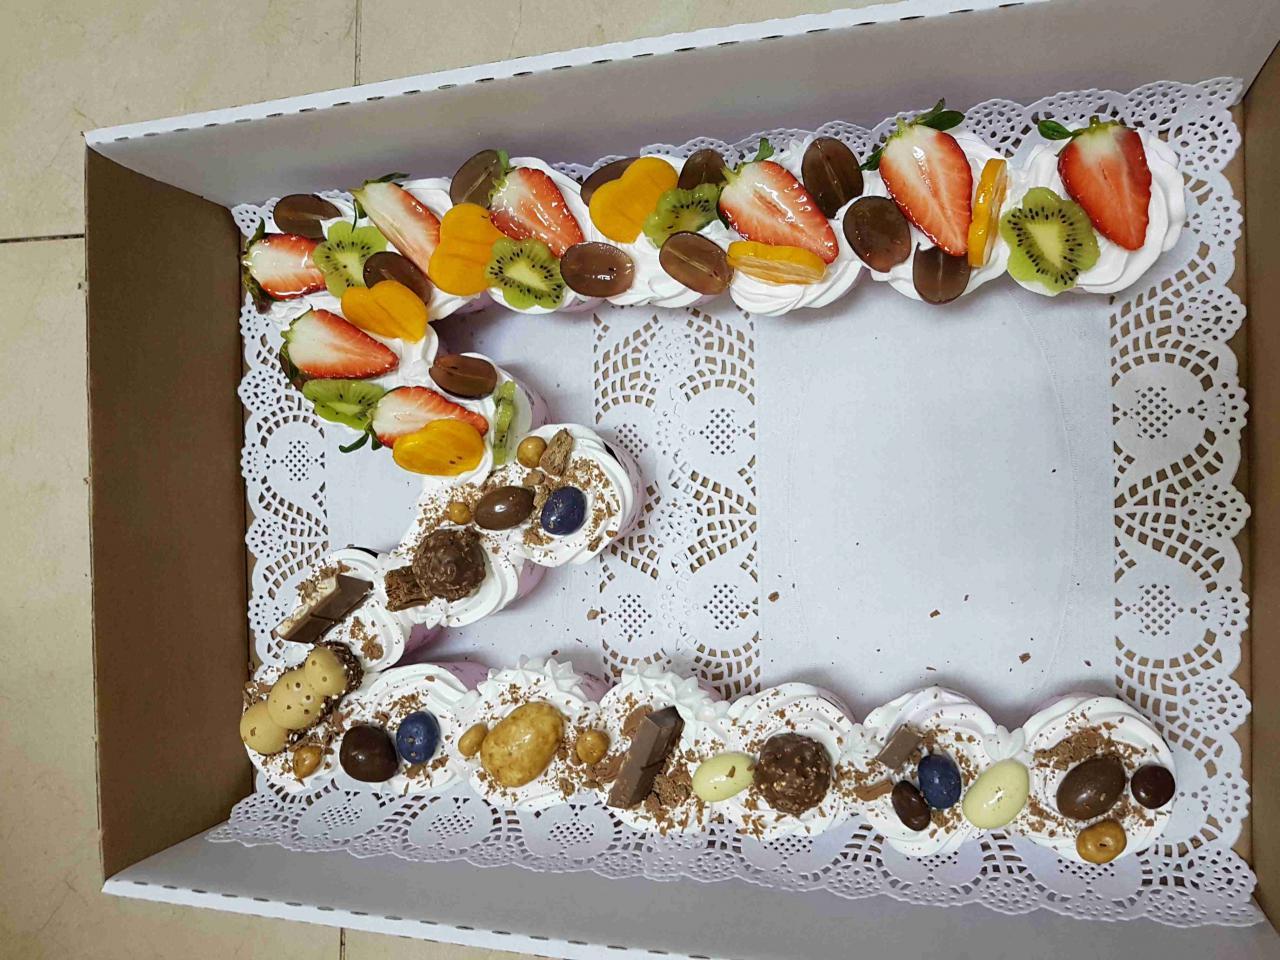 بالصور حلويات عيد ميلاد اطفال , اعياد ميلاد للاطفال وما الحلويات